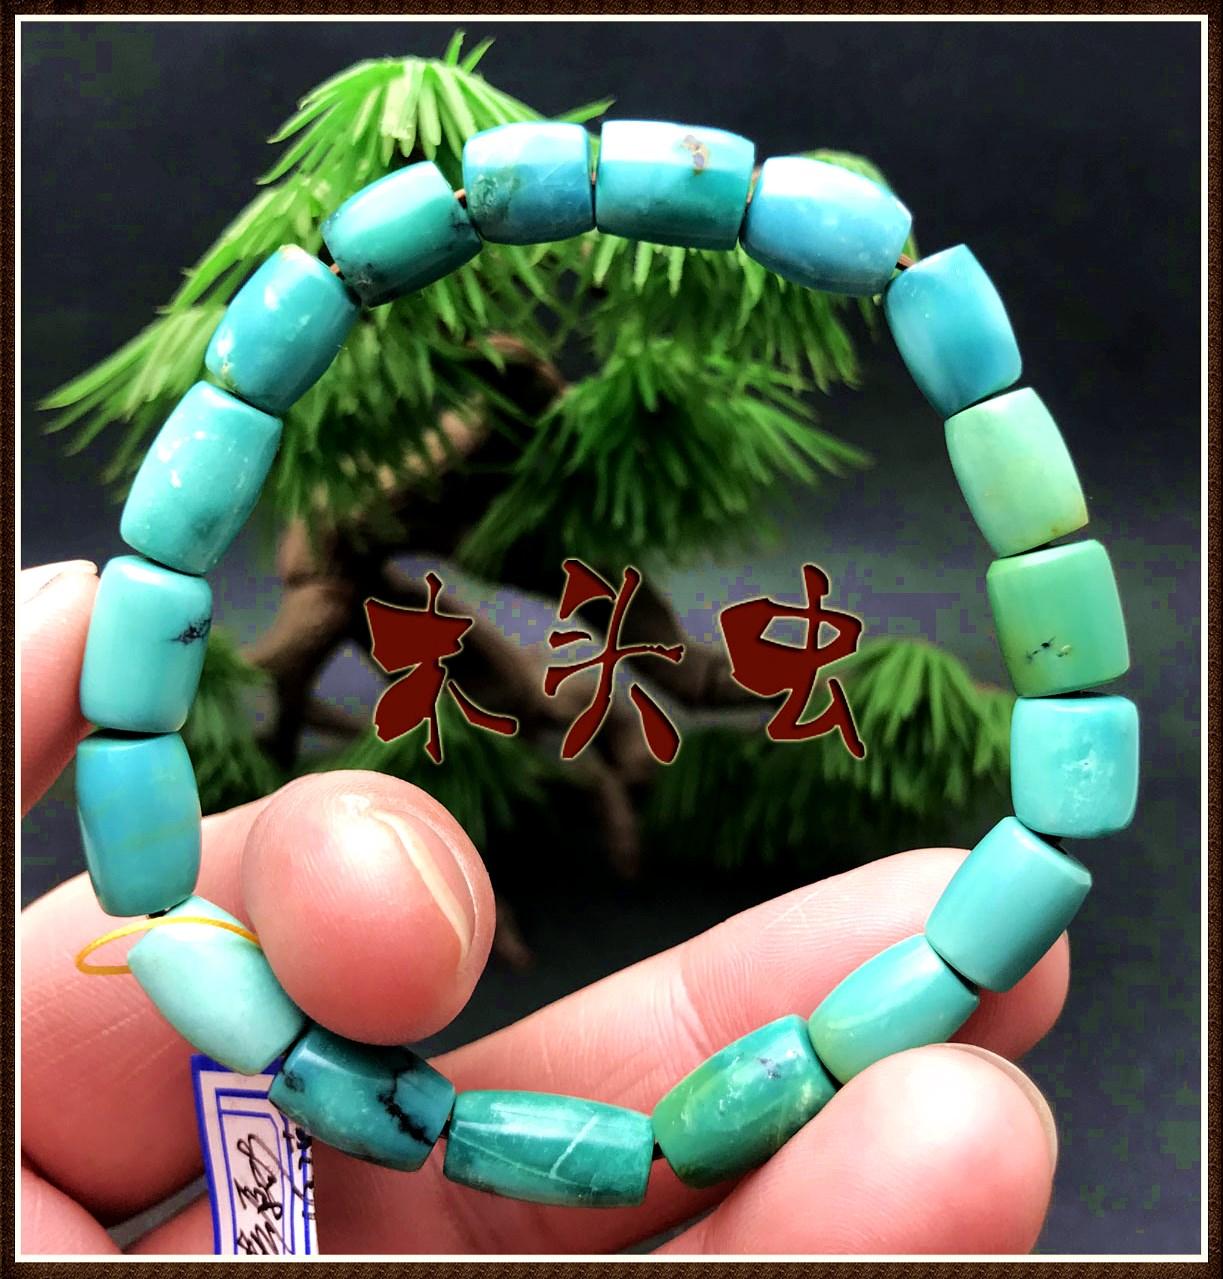 天然原矿湖北十堰高瓷蓝绿松石手链手串桶珠饰品配件7*12mm木头虫